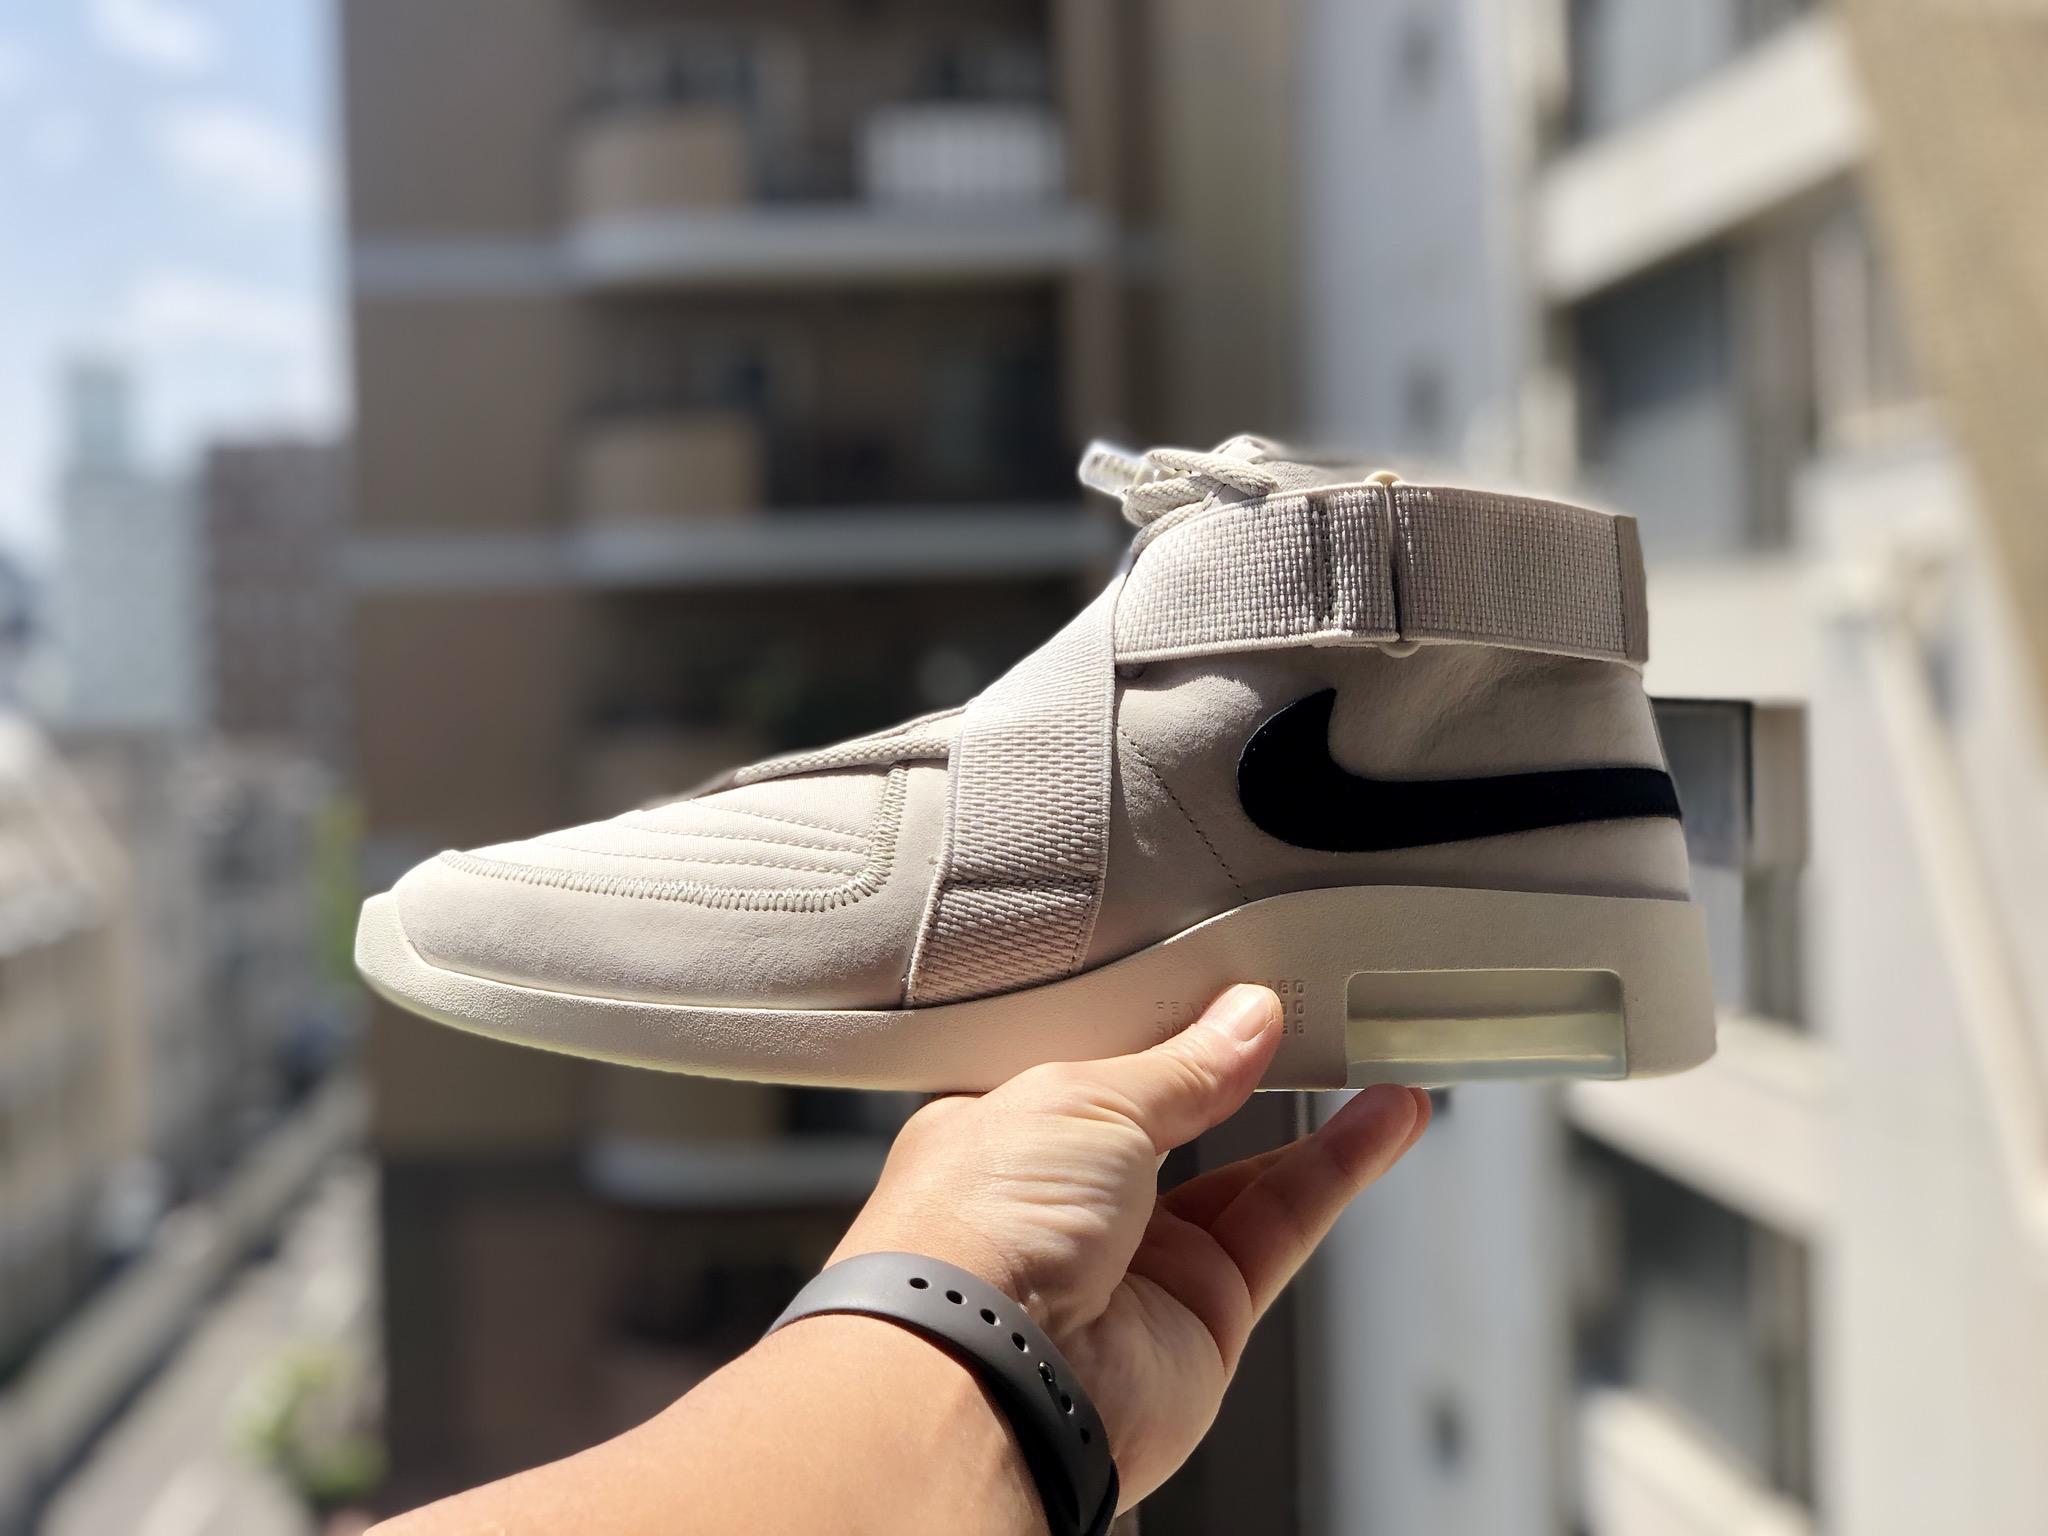 品質はかなり高く、履き心地も最適です👏👏👏  #Nike #NikeFear